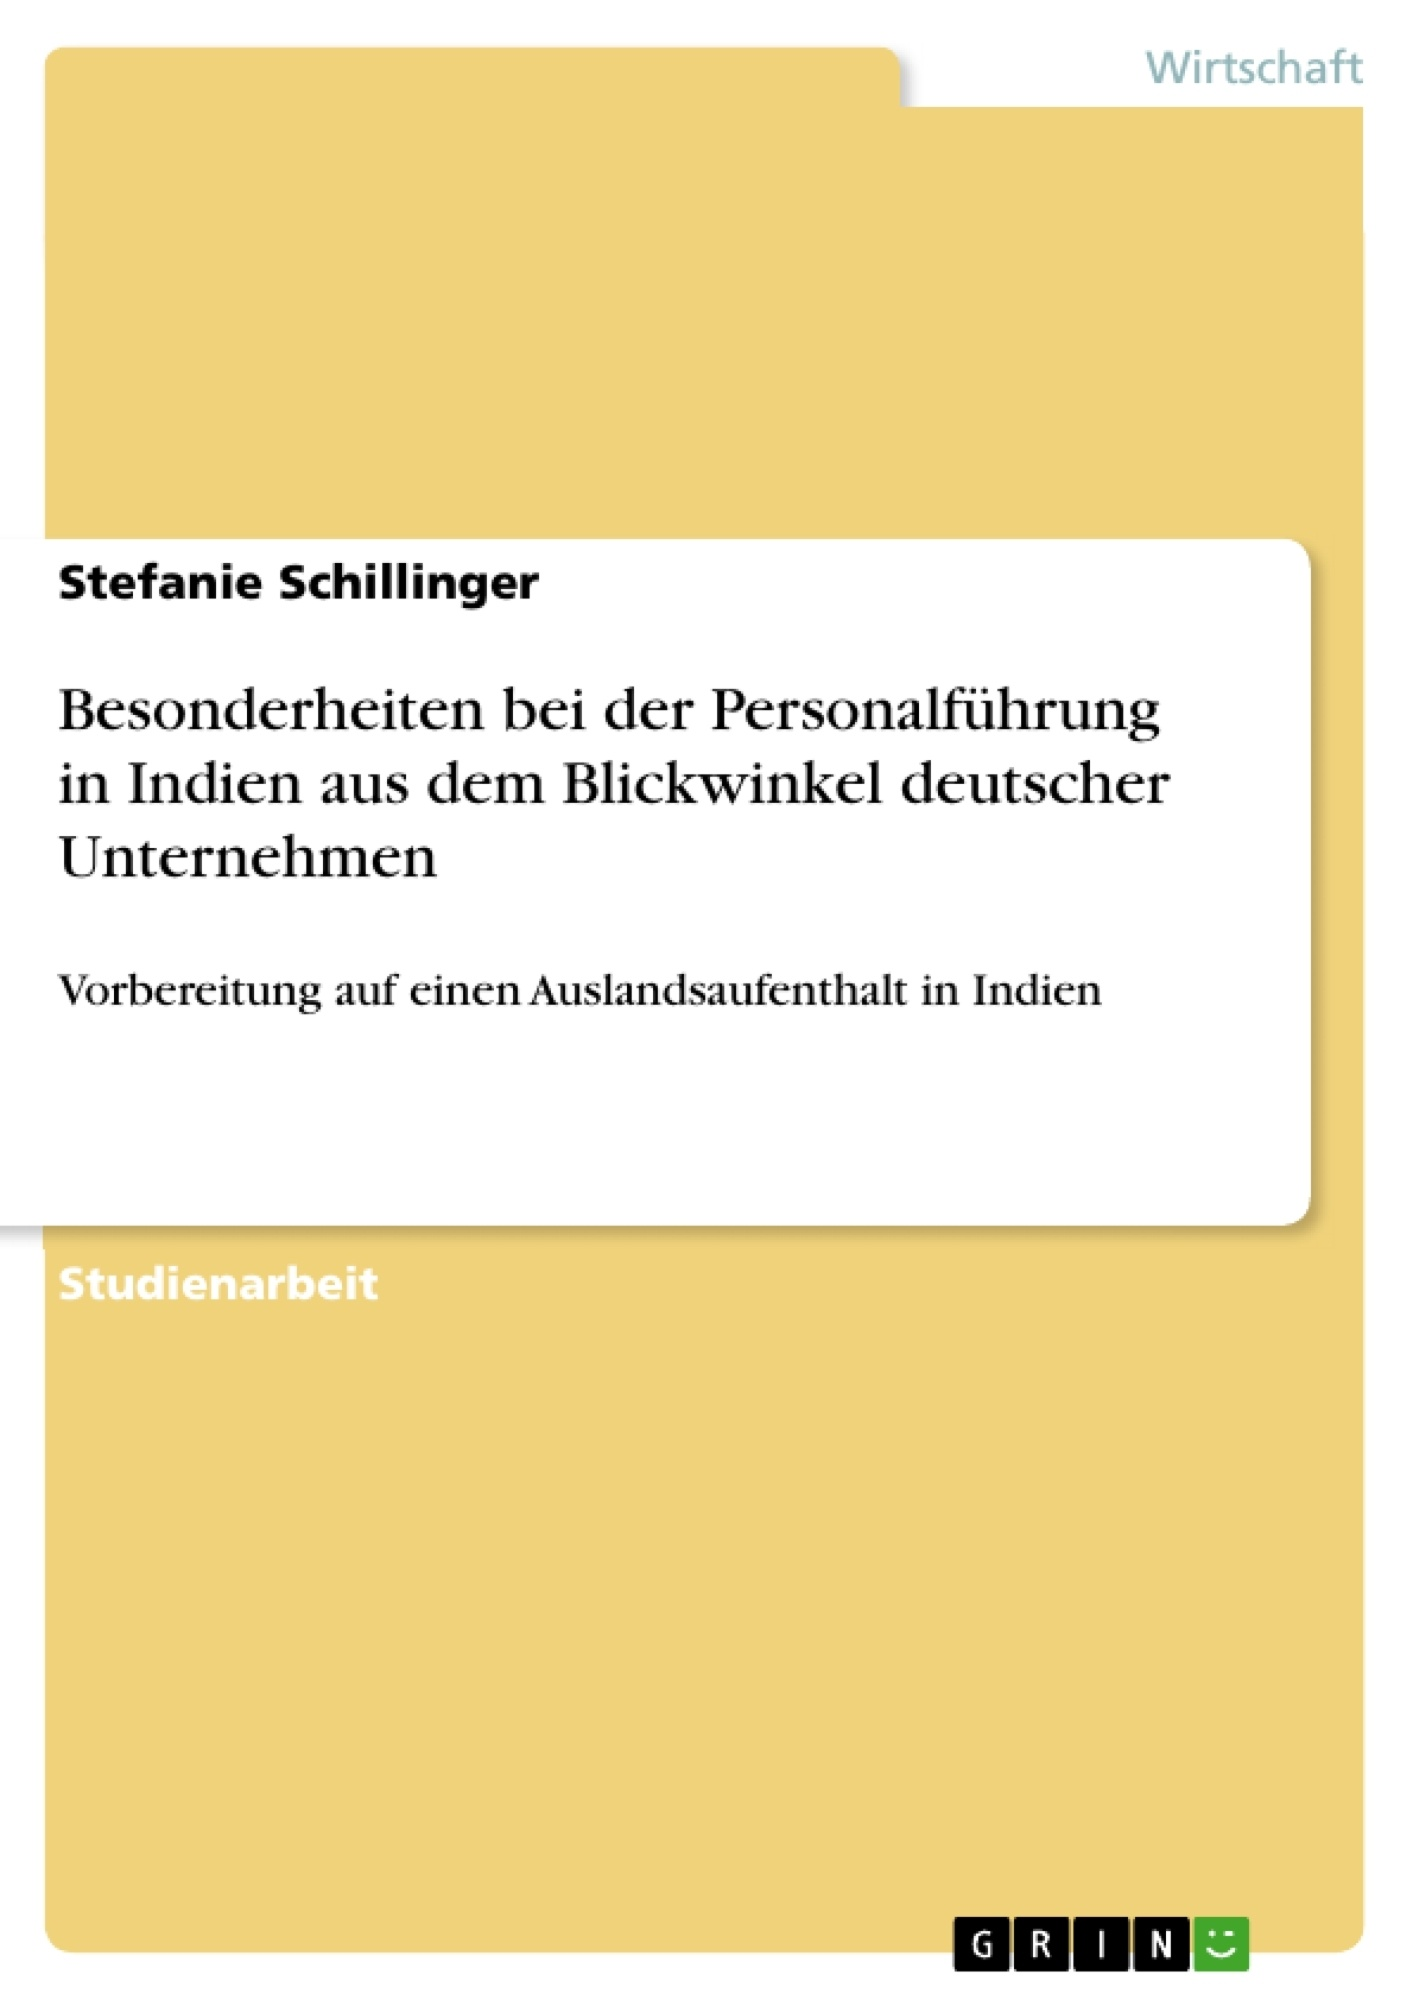 Titel: Besonderheiten bei der Personalführung in Indien aus dem Blickwinkel deutscher Unternehmen